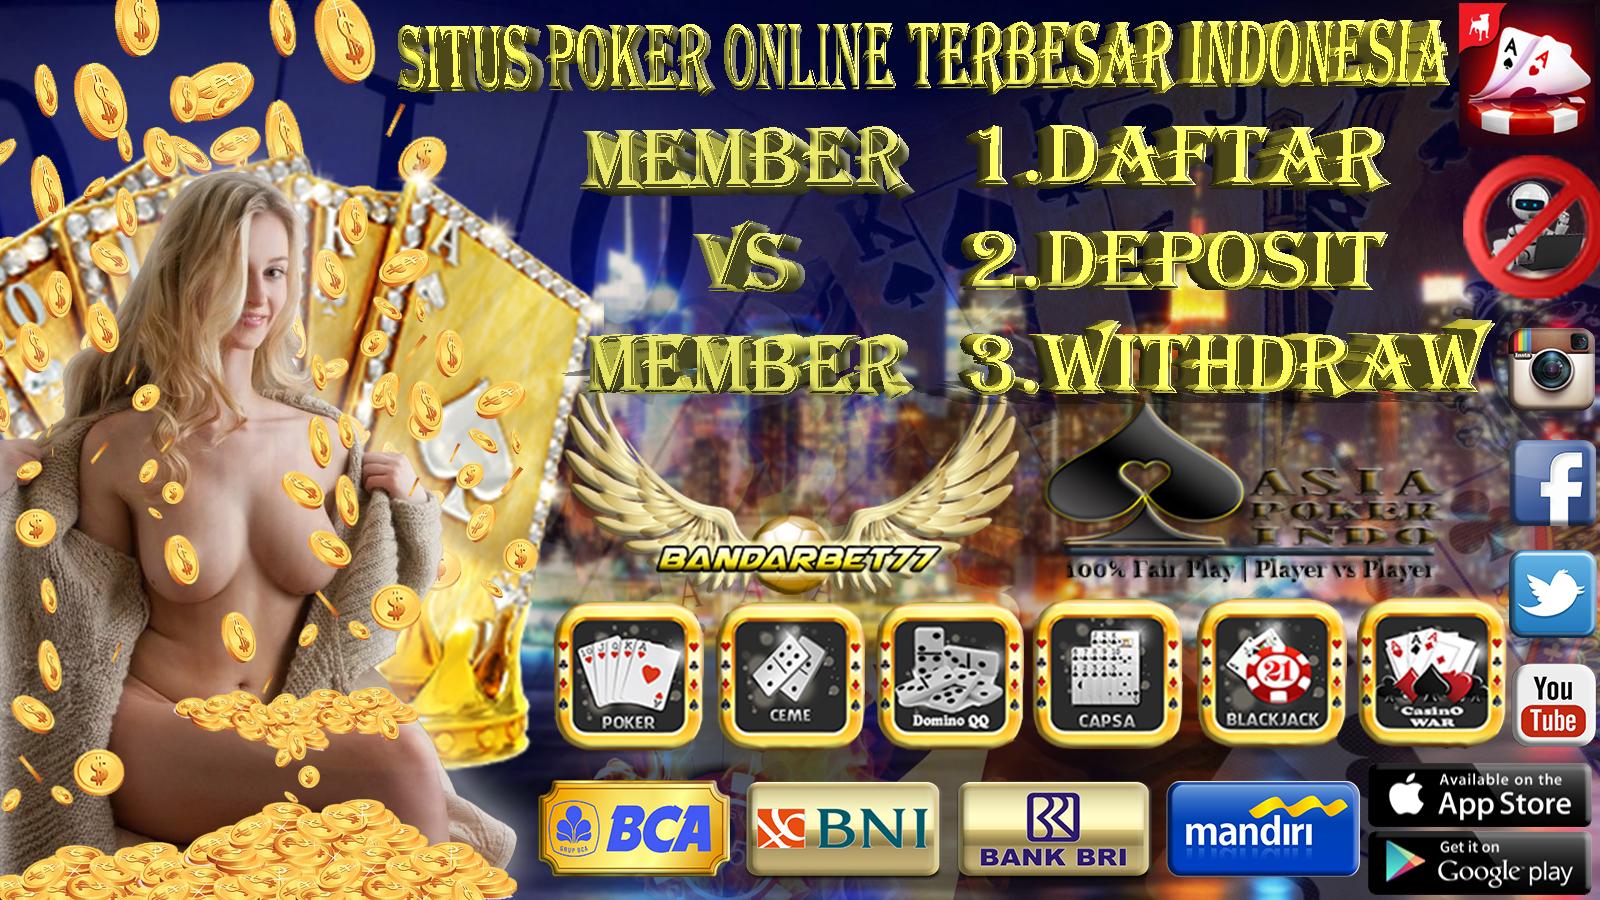 Agen Game Poker Online Indonesia Terbaru Tahun Ini